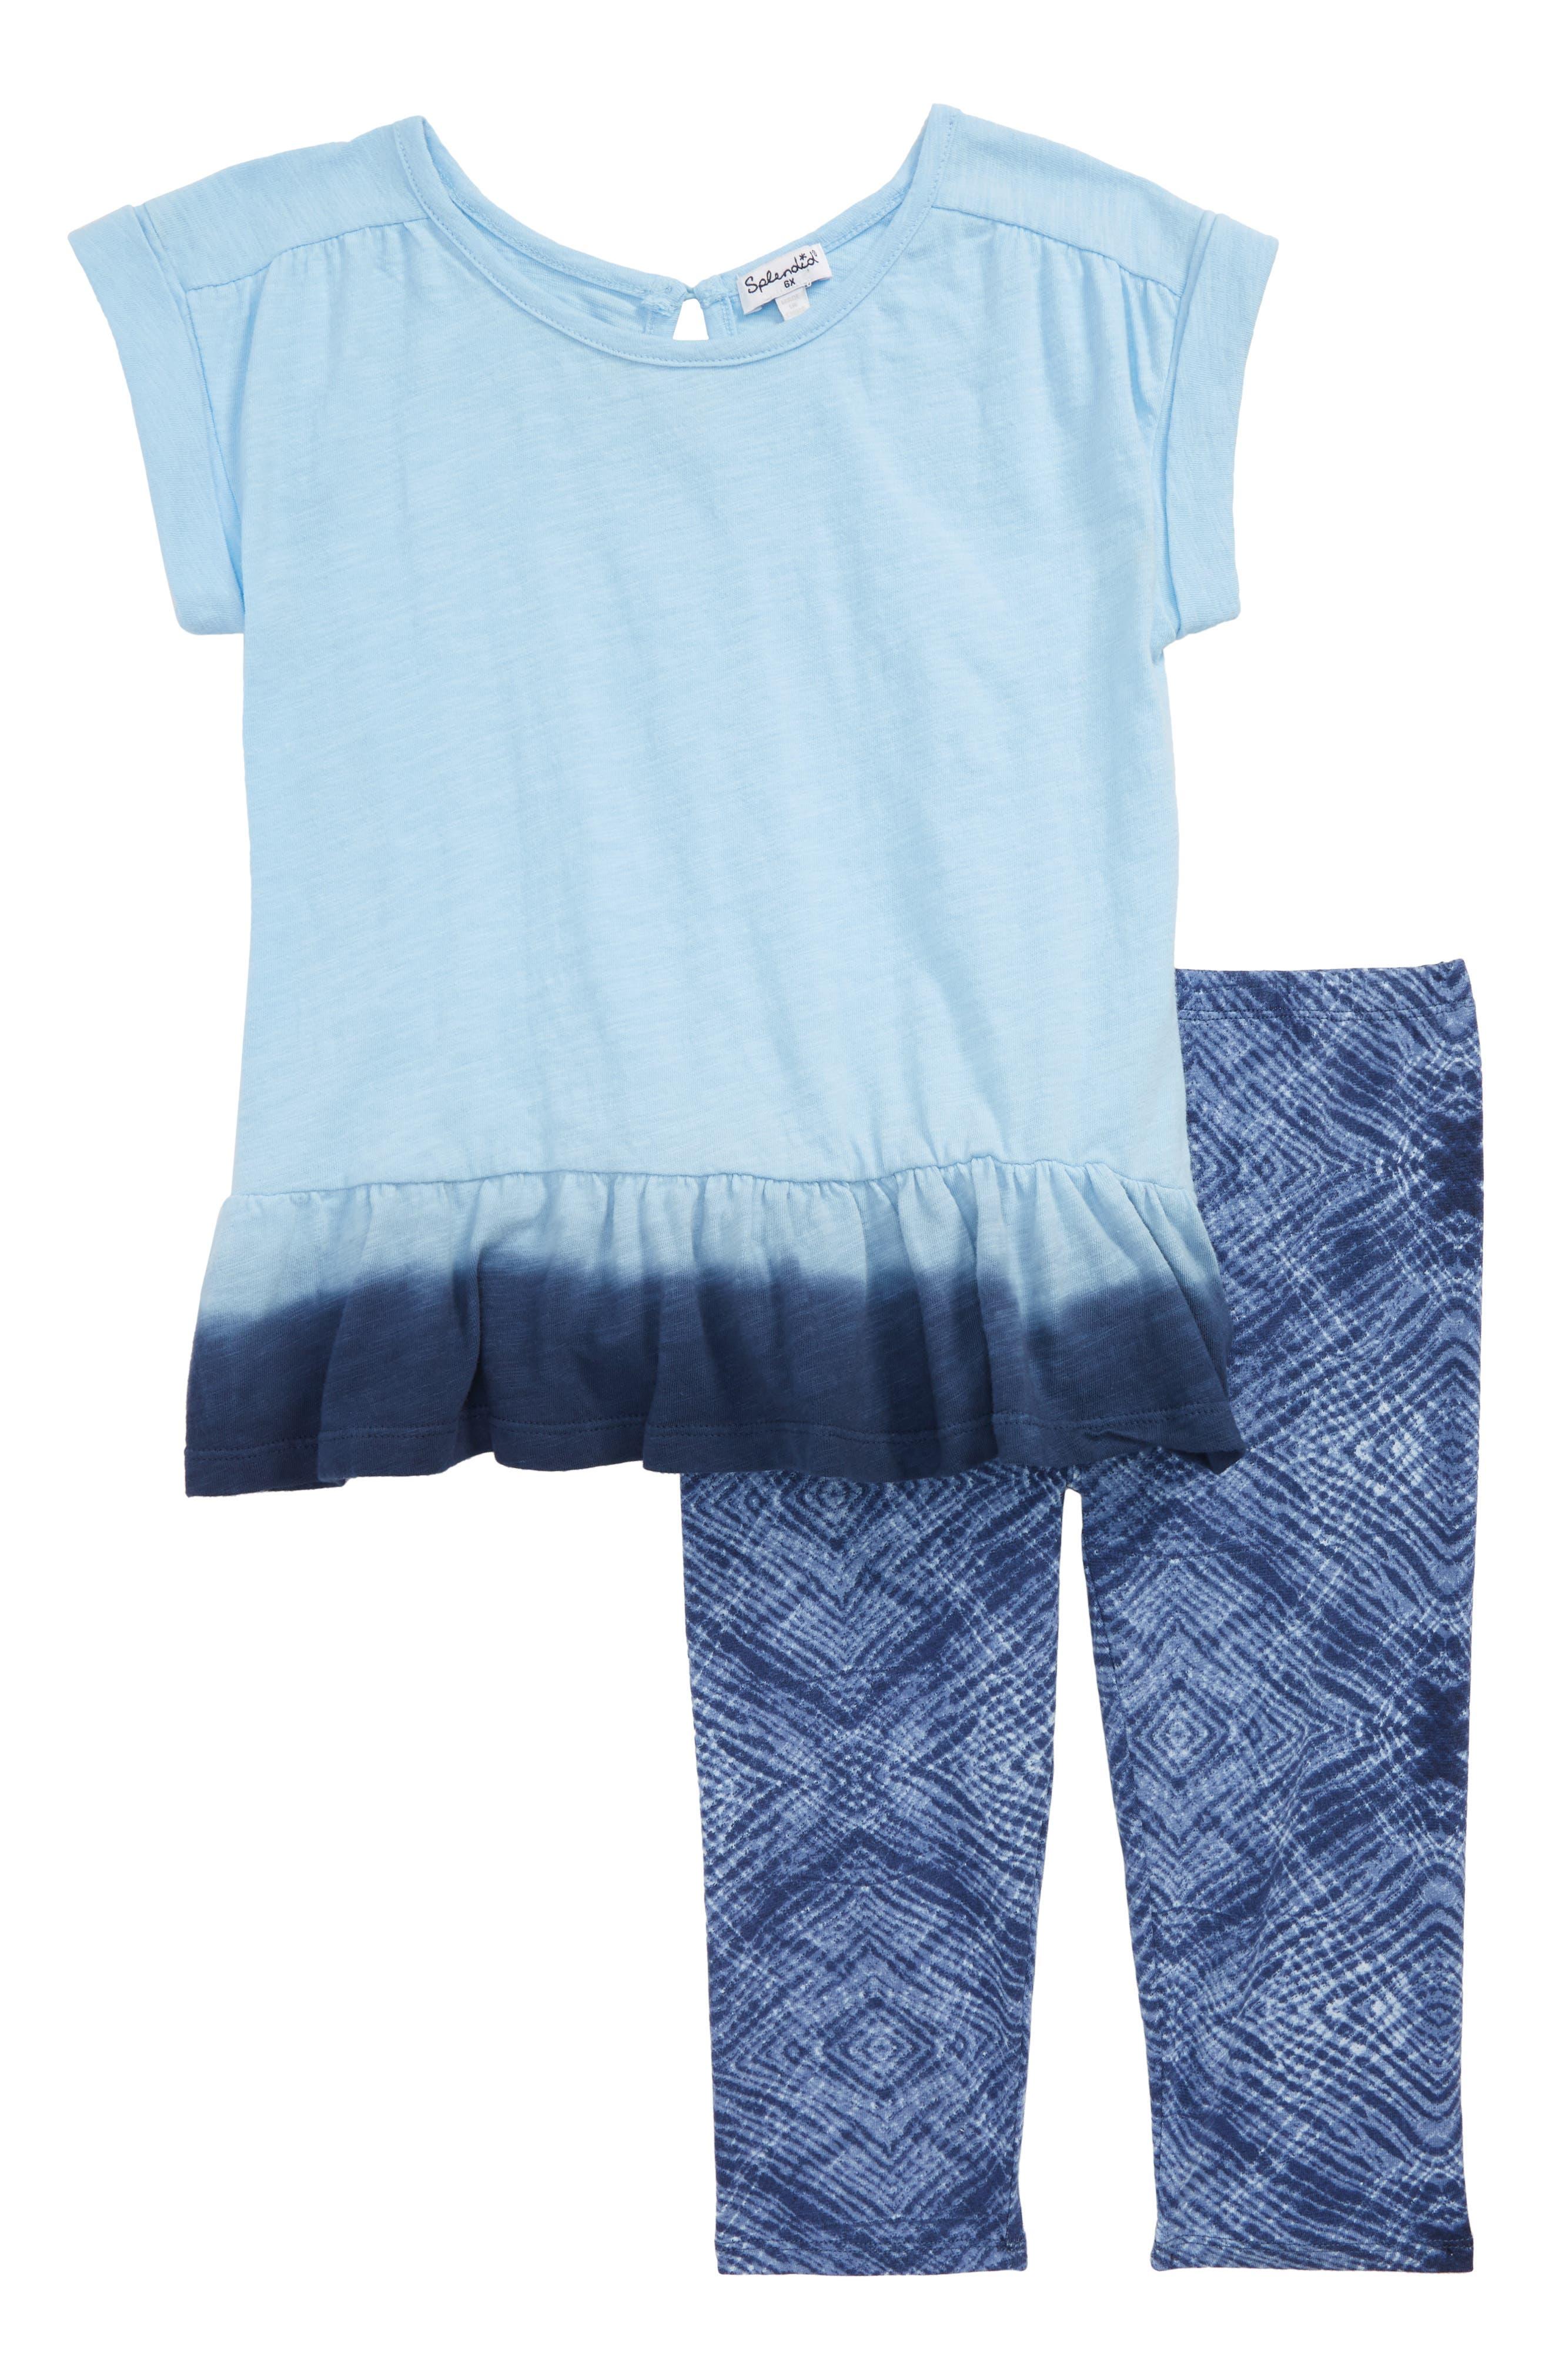 Dip Dye Top & Leggings Set,                             Main thumbnail 1, color,                             Blue Bell